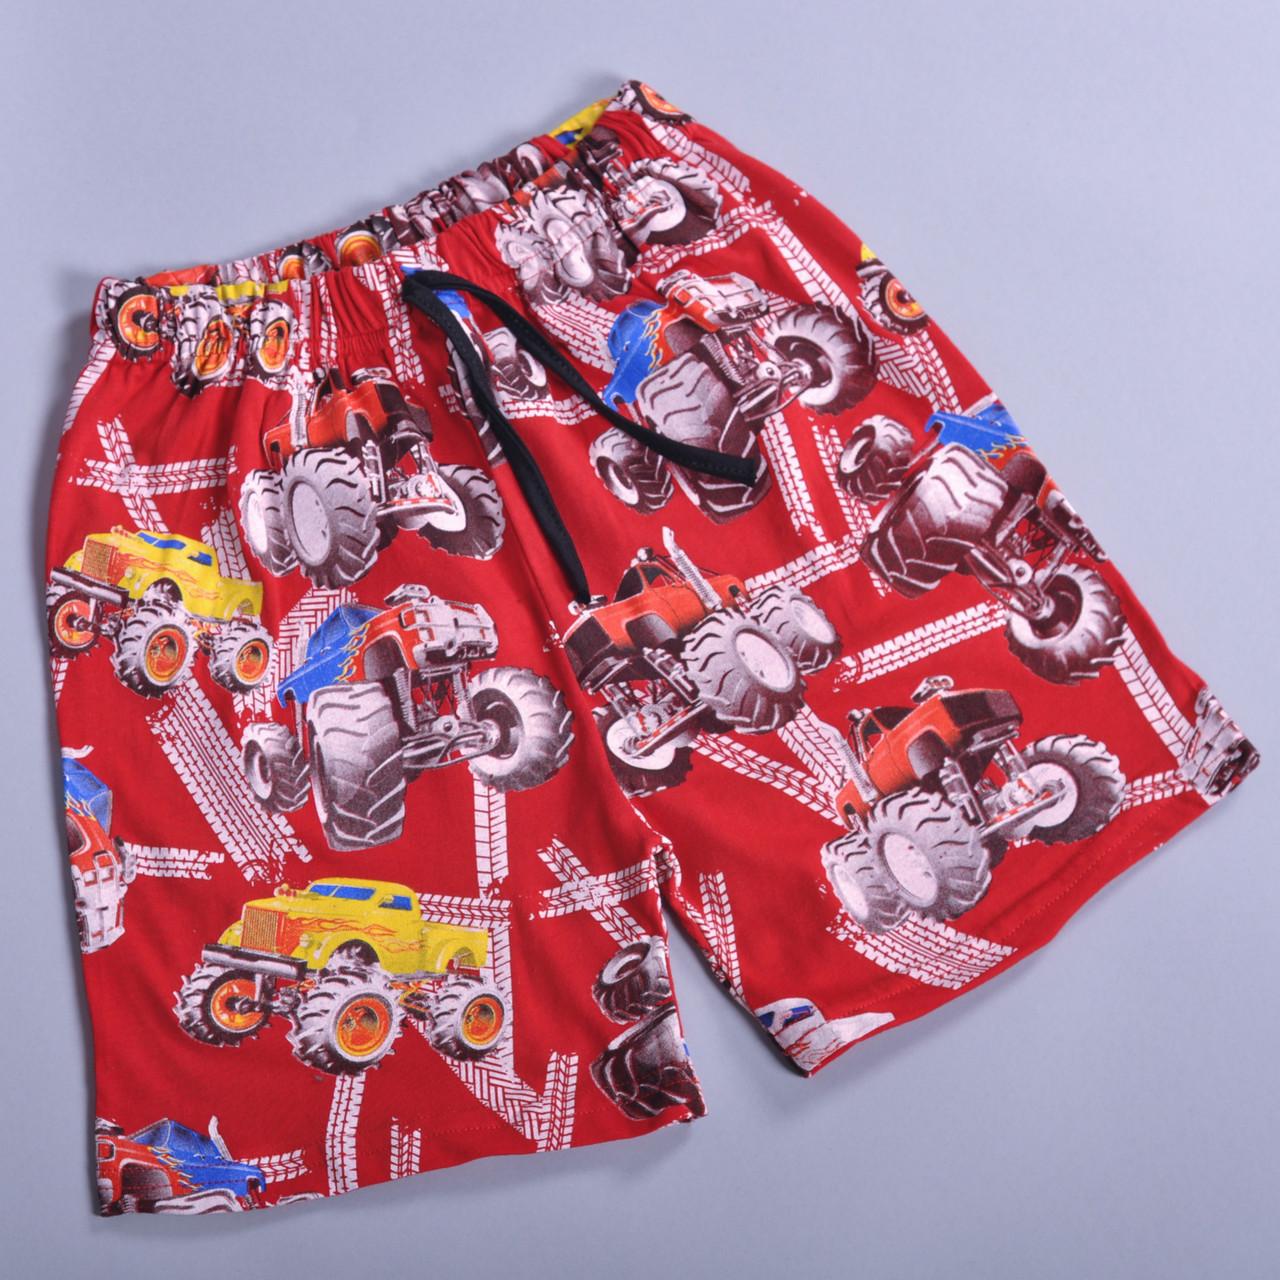 Детские летние трикотажные шорты, для мальчиков (9-12 лет) (4 ед в уп), Красный